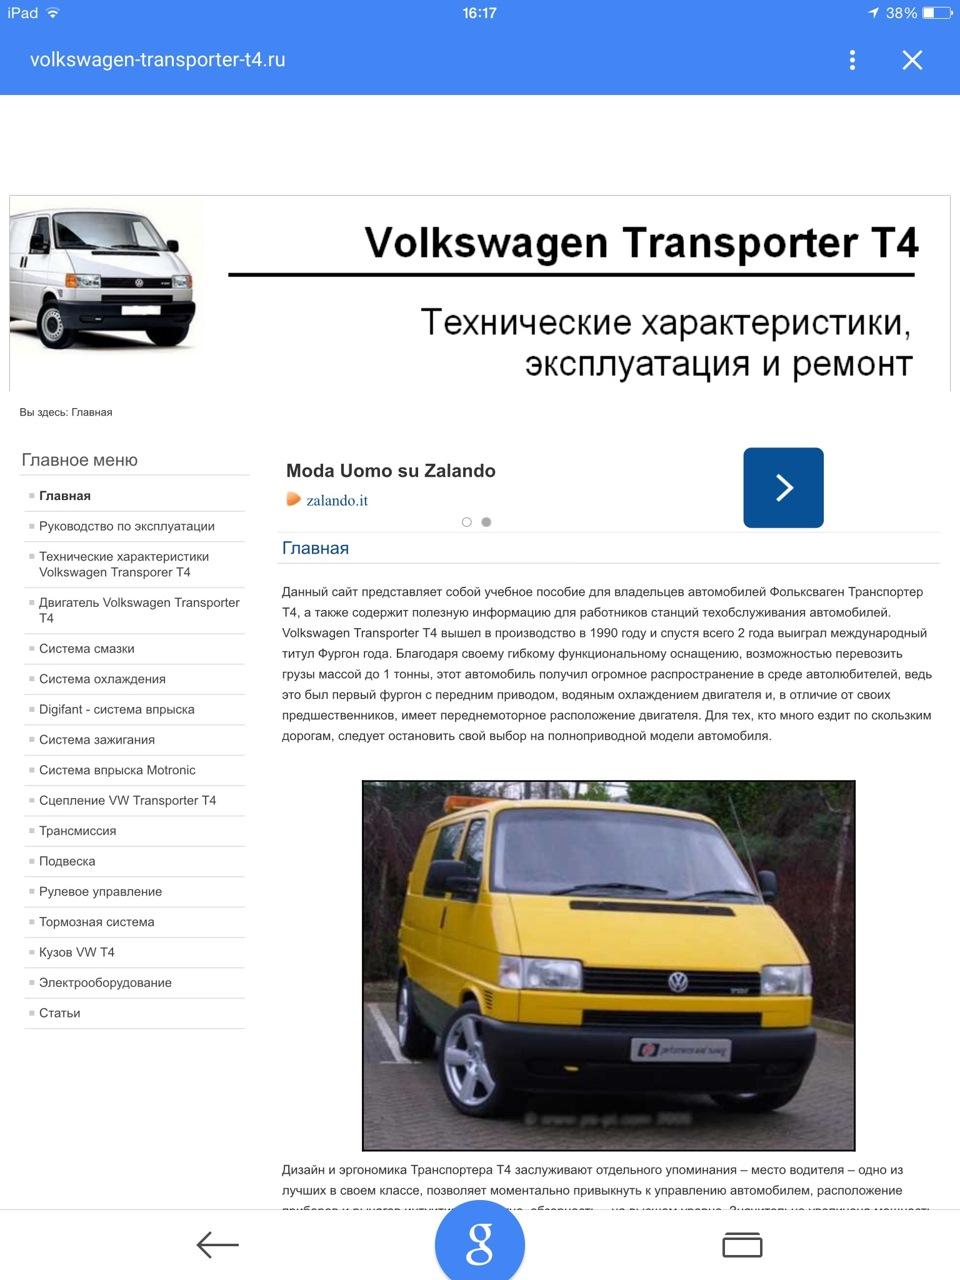 Официальный сайт вот оф танк - f